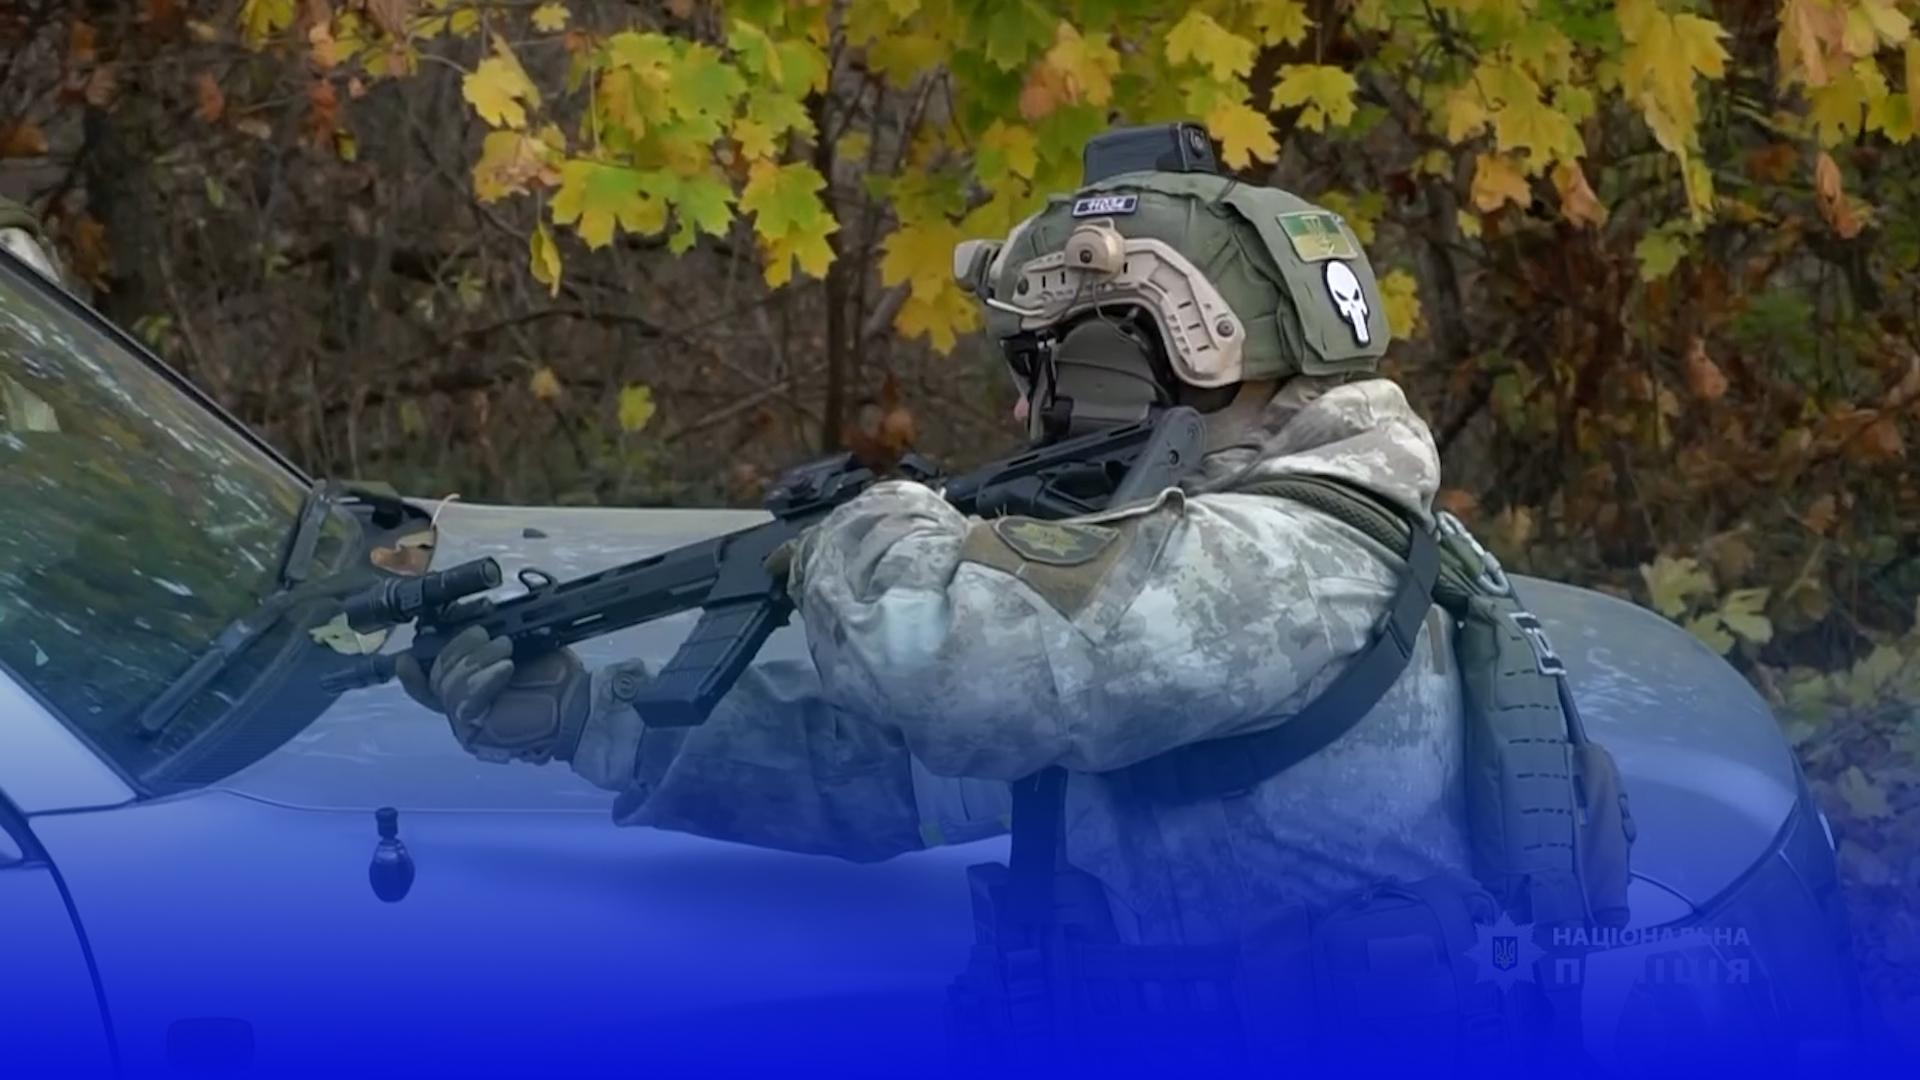 28 квітня через антитерористичні навчання силовики можуть перевіряти авто та документи перехожих